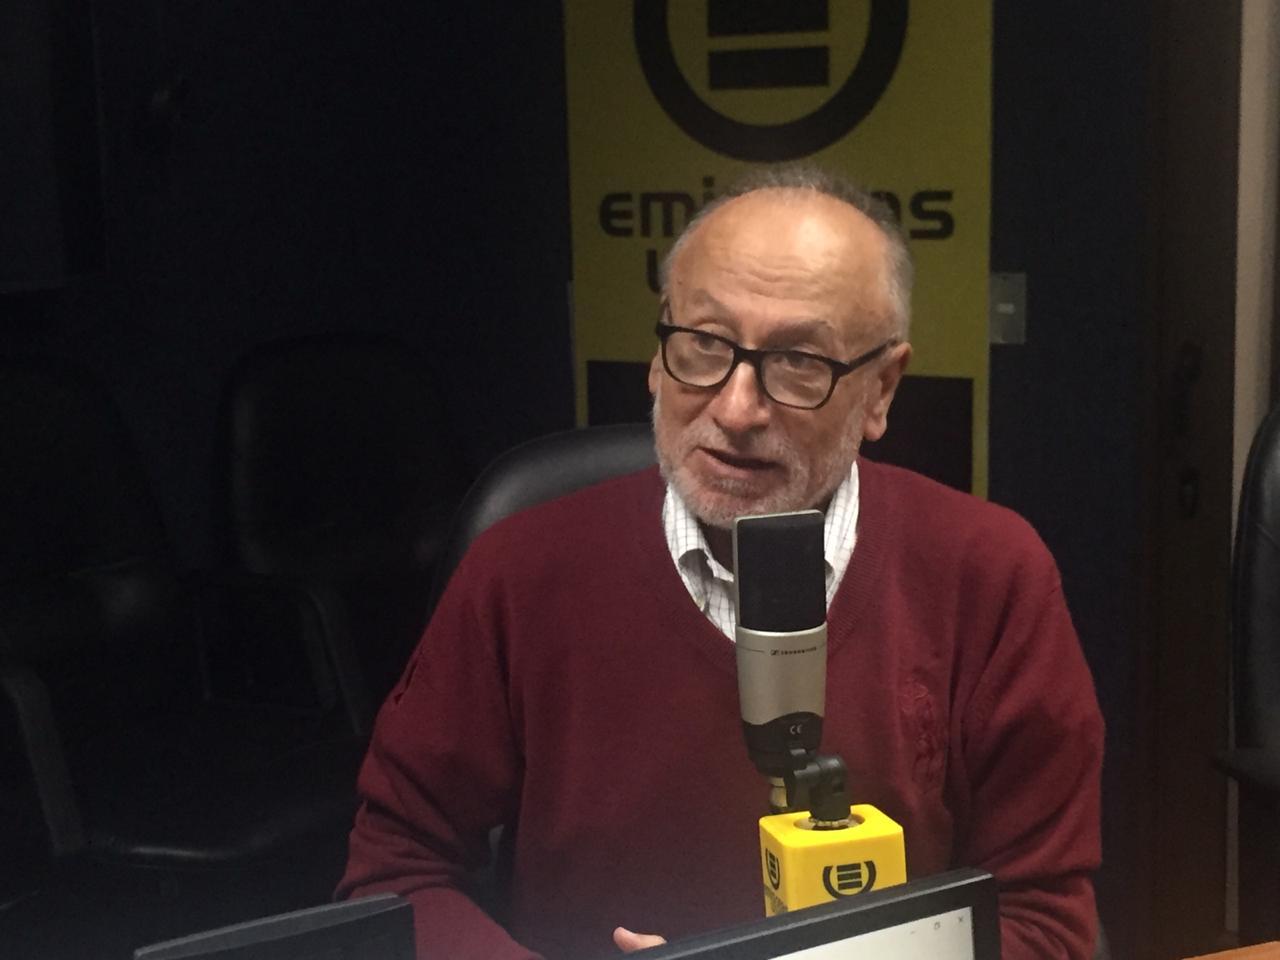 Edgar Ruano